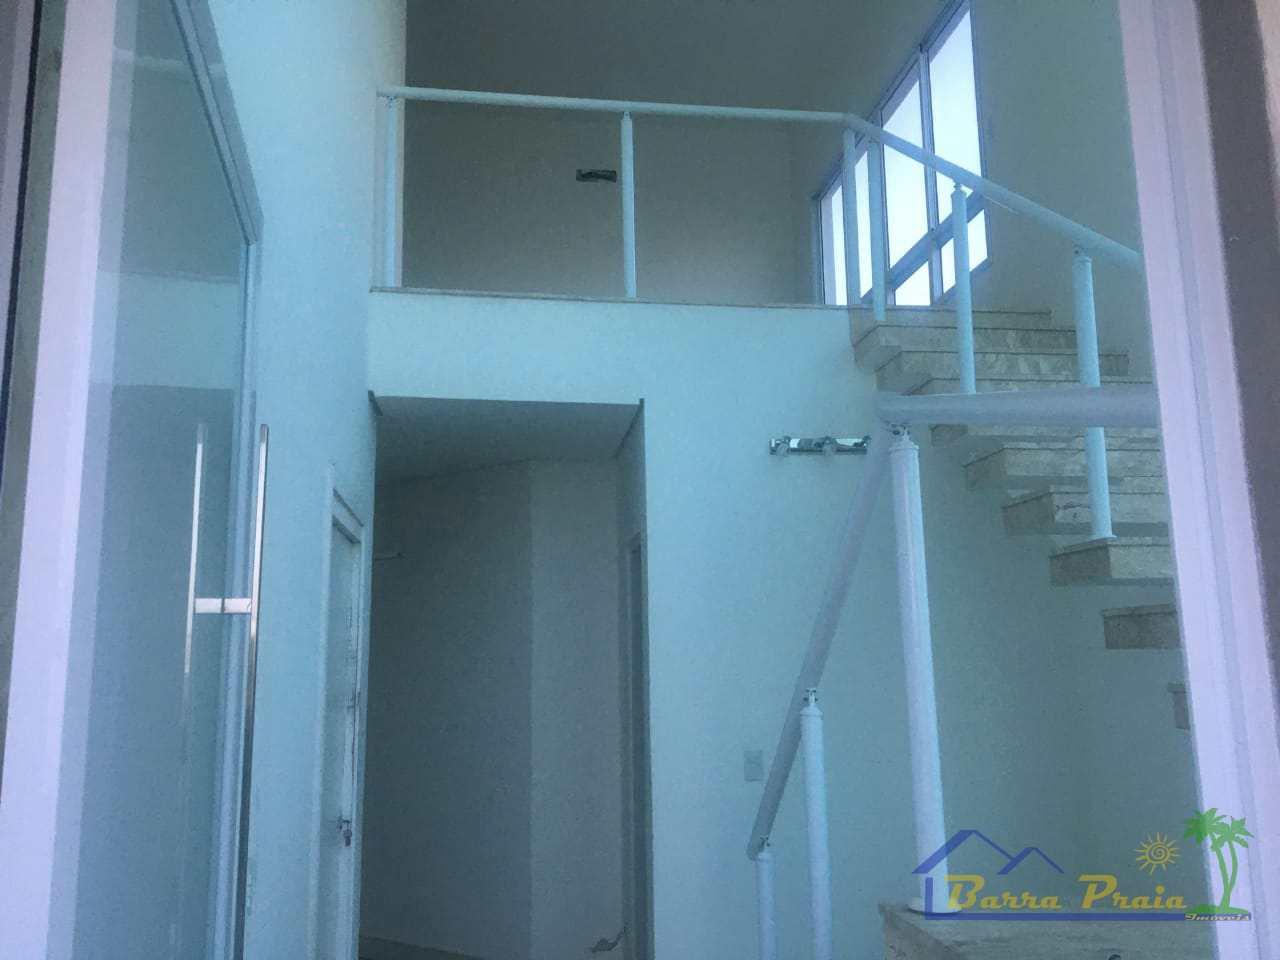 Sobrado de Condomínio com 3 dorms, Balneário Beatriz, Itanhaém - R$ 900 mil, Cod: 109